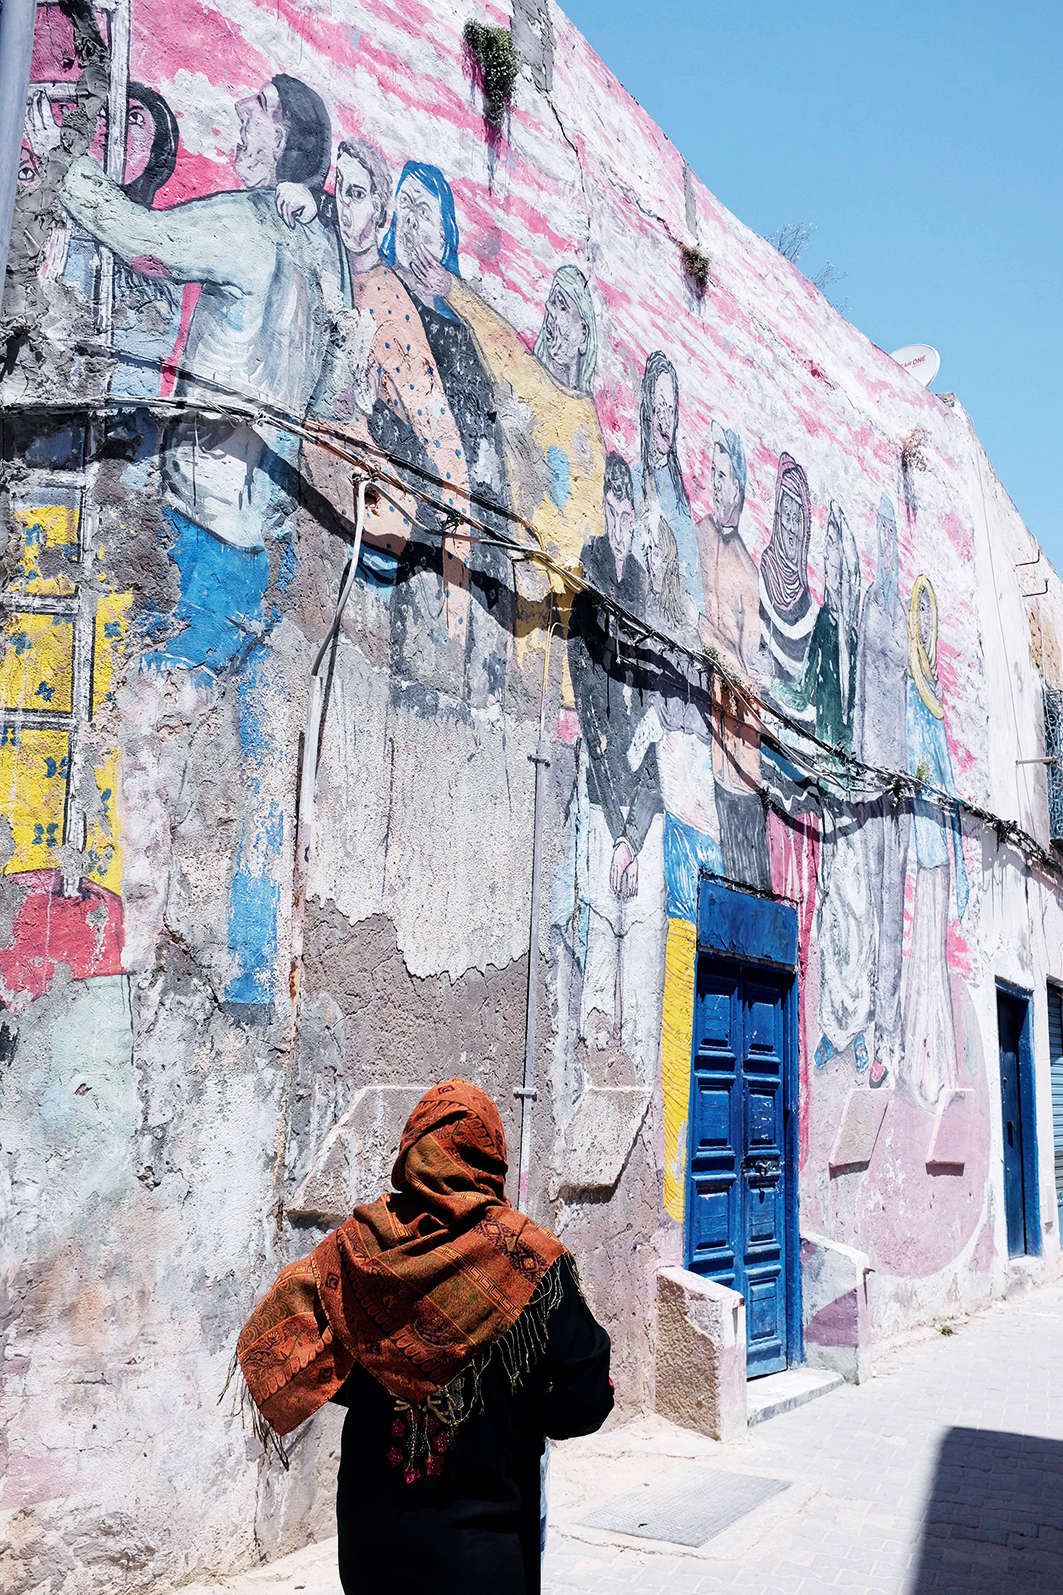 Les maisons d h tes une nouvelle fa on de d couvrir la for Acheter une maison en tunisie